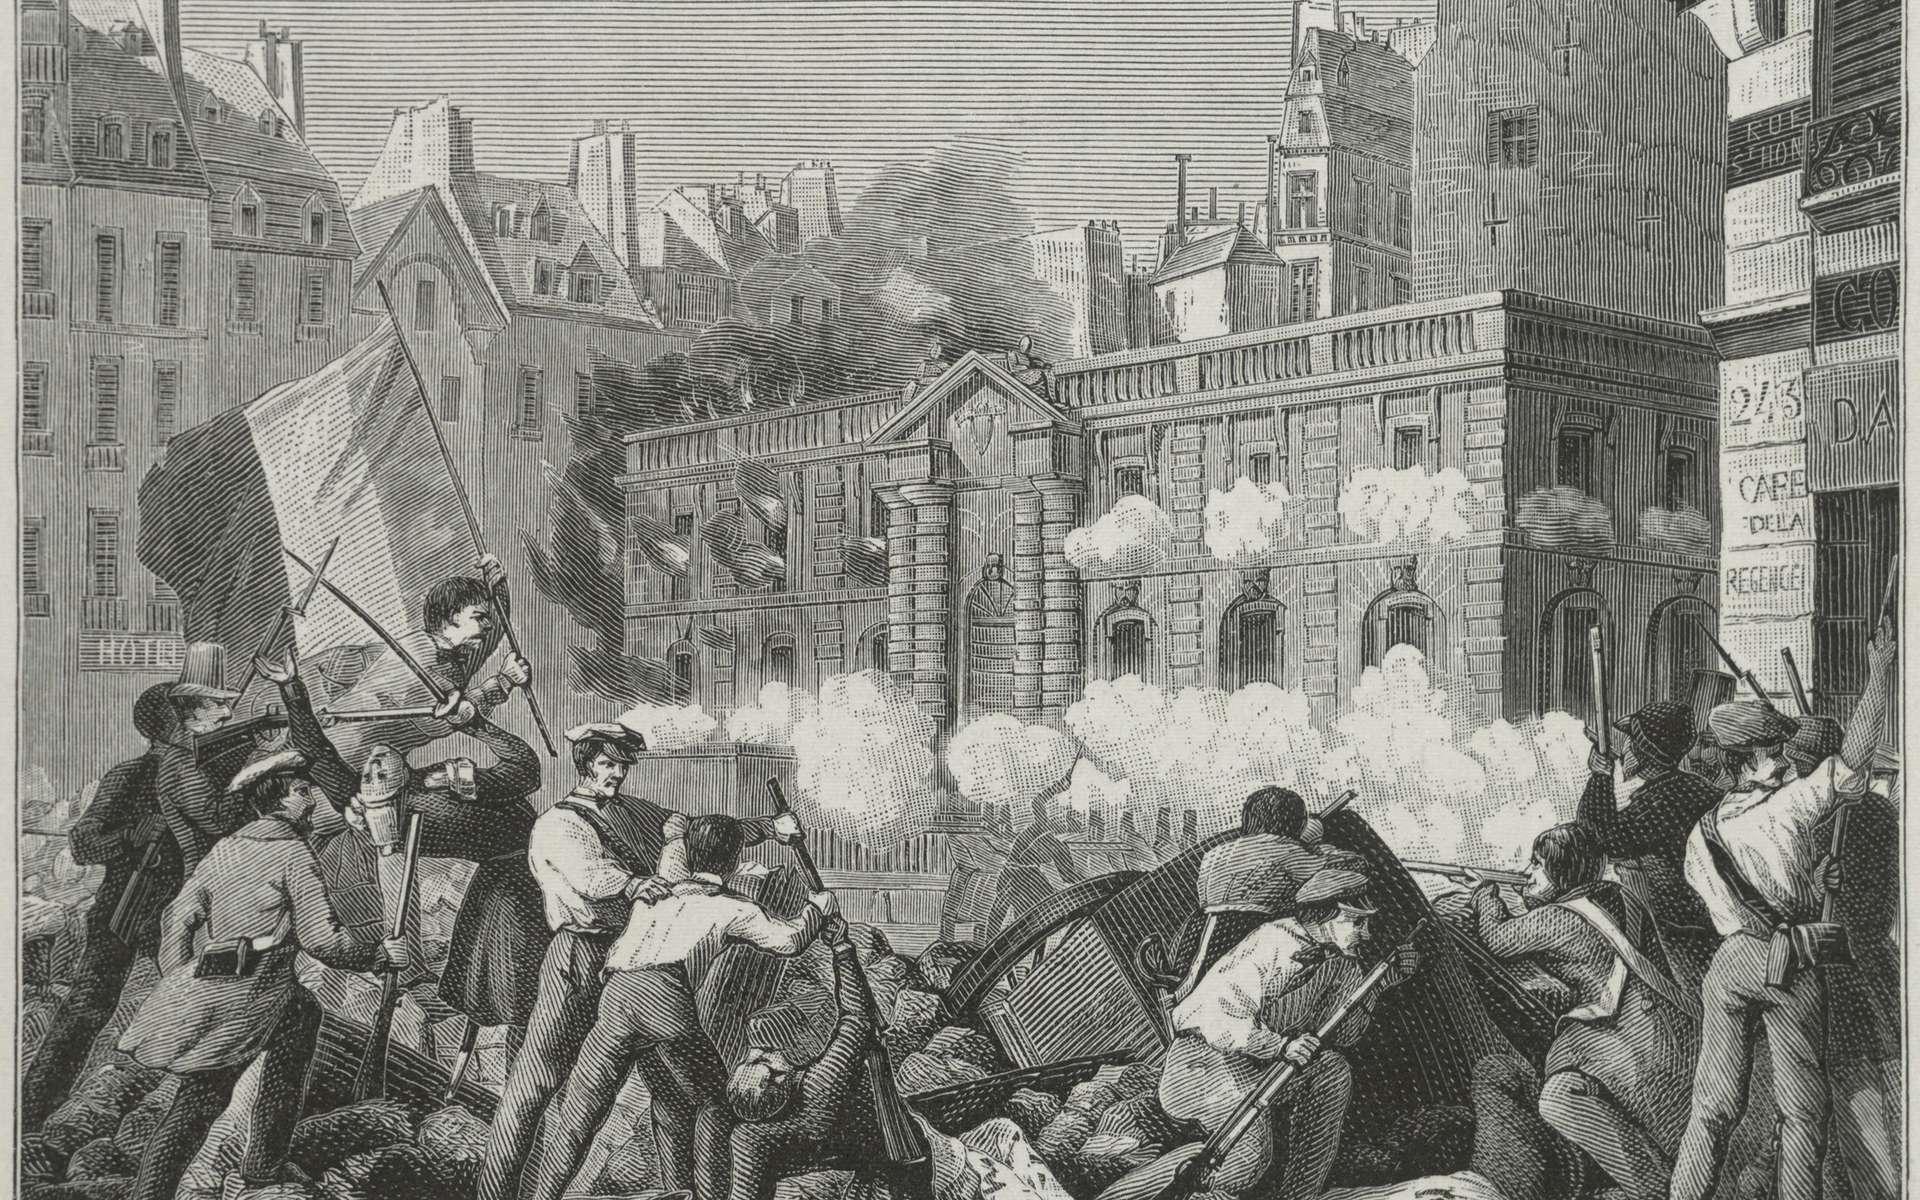 La prise du château d'eau à Paris lors de la révolution de 1848. © Theodor Hoffbauer, Wikimedia Commons, domaine public